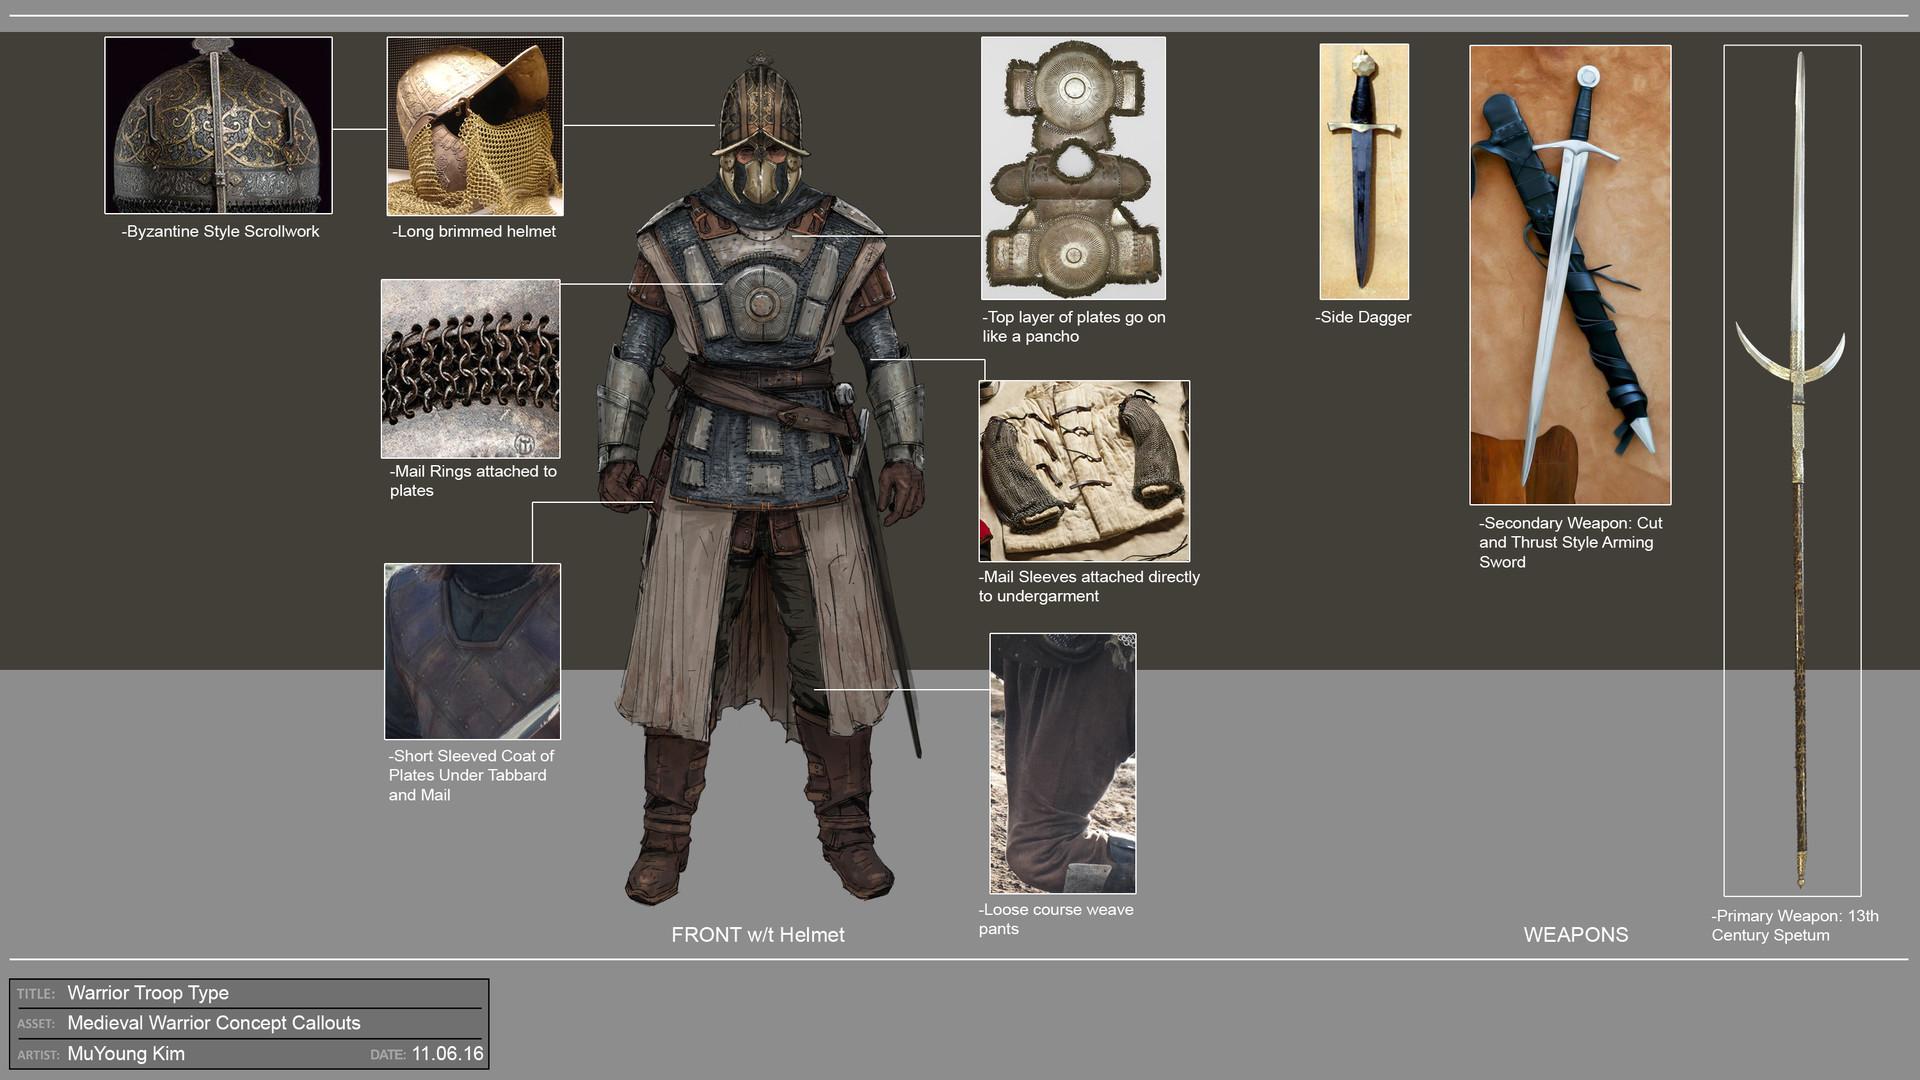 Muyoung kim warrior troop concept 2